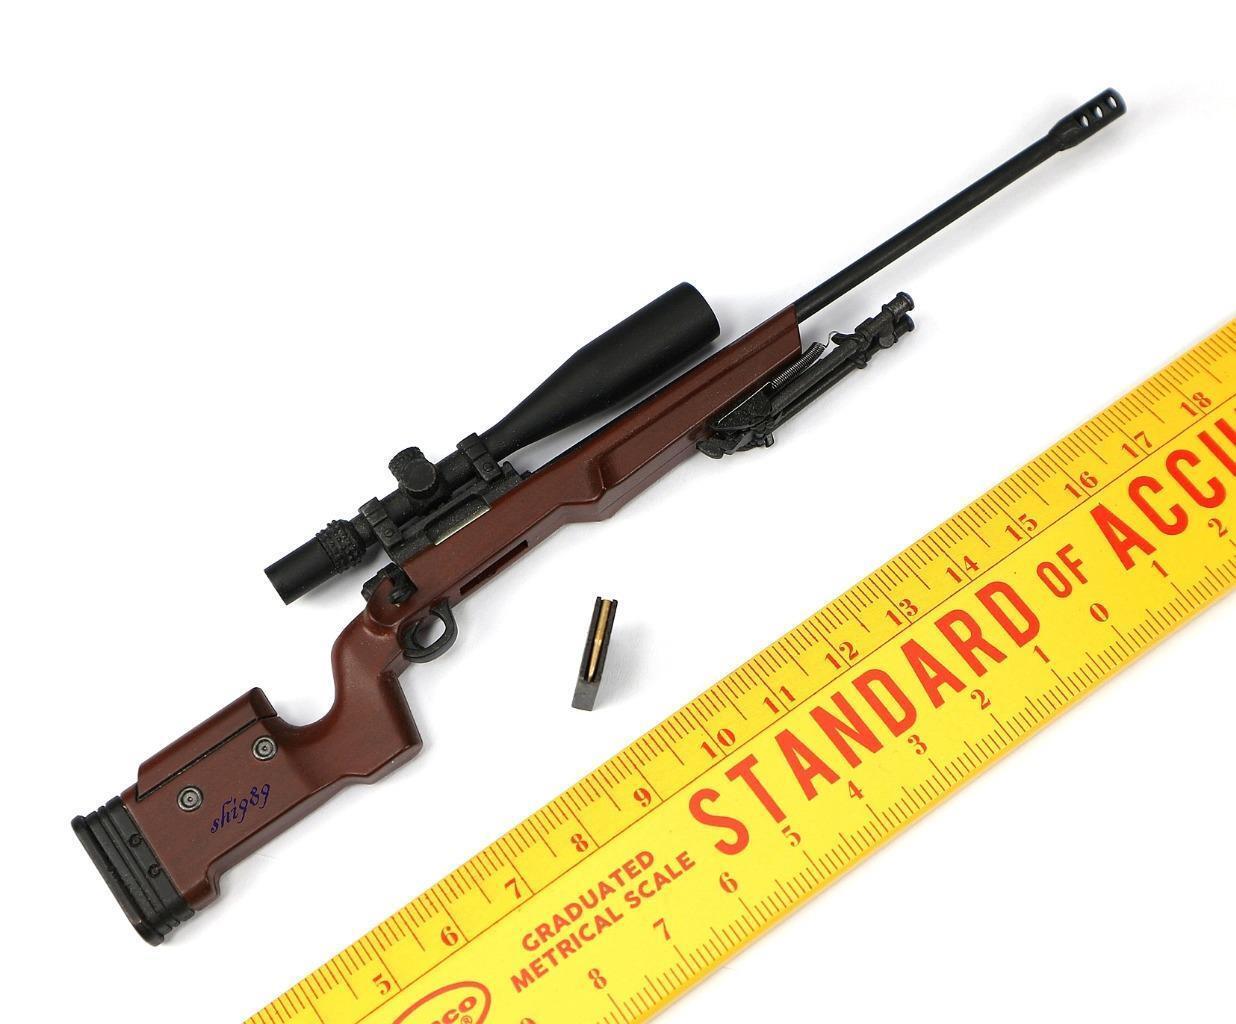 Caliente giocattoli MMS342 Batuomo v  Superuomo  Dawn of Justice BATuomo 1 6 VIP Sniper Rifle  Felice shopping